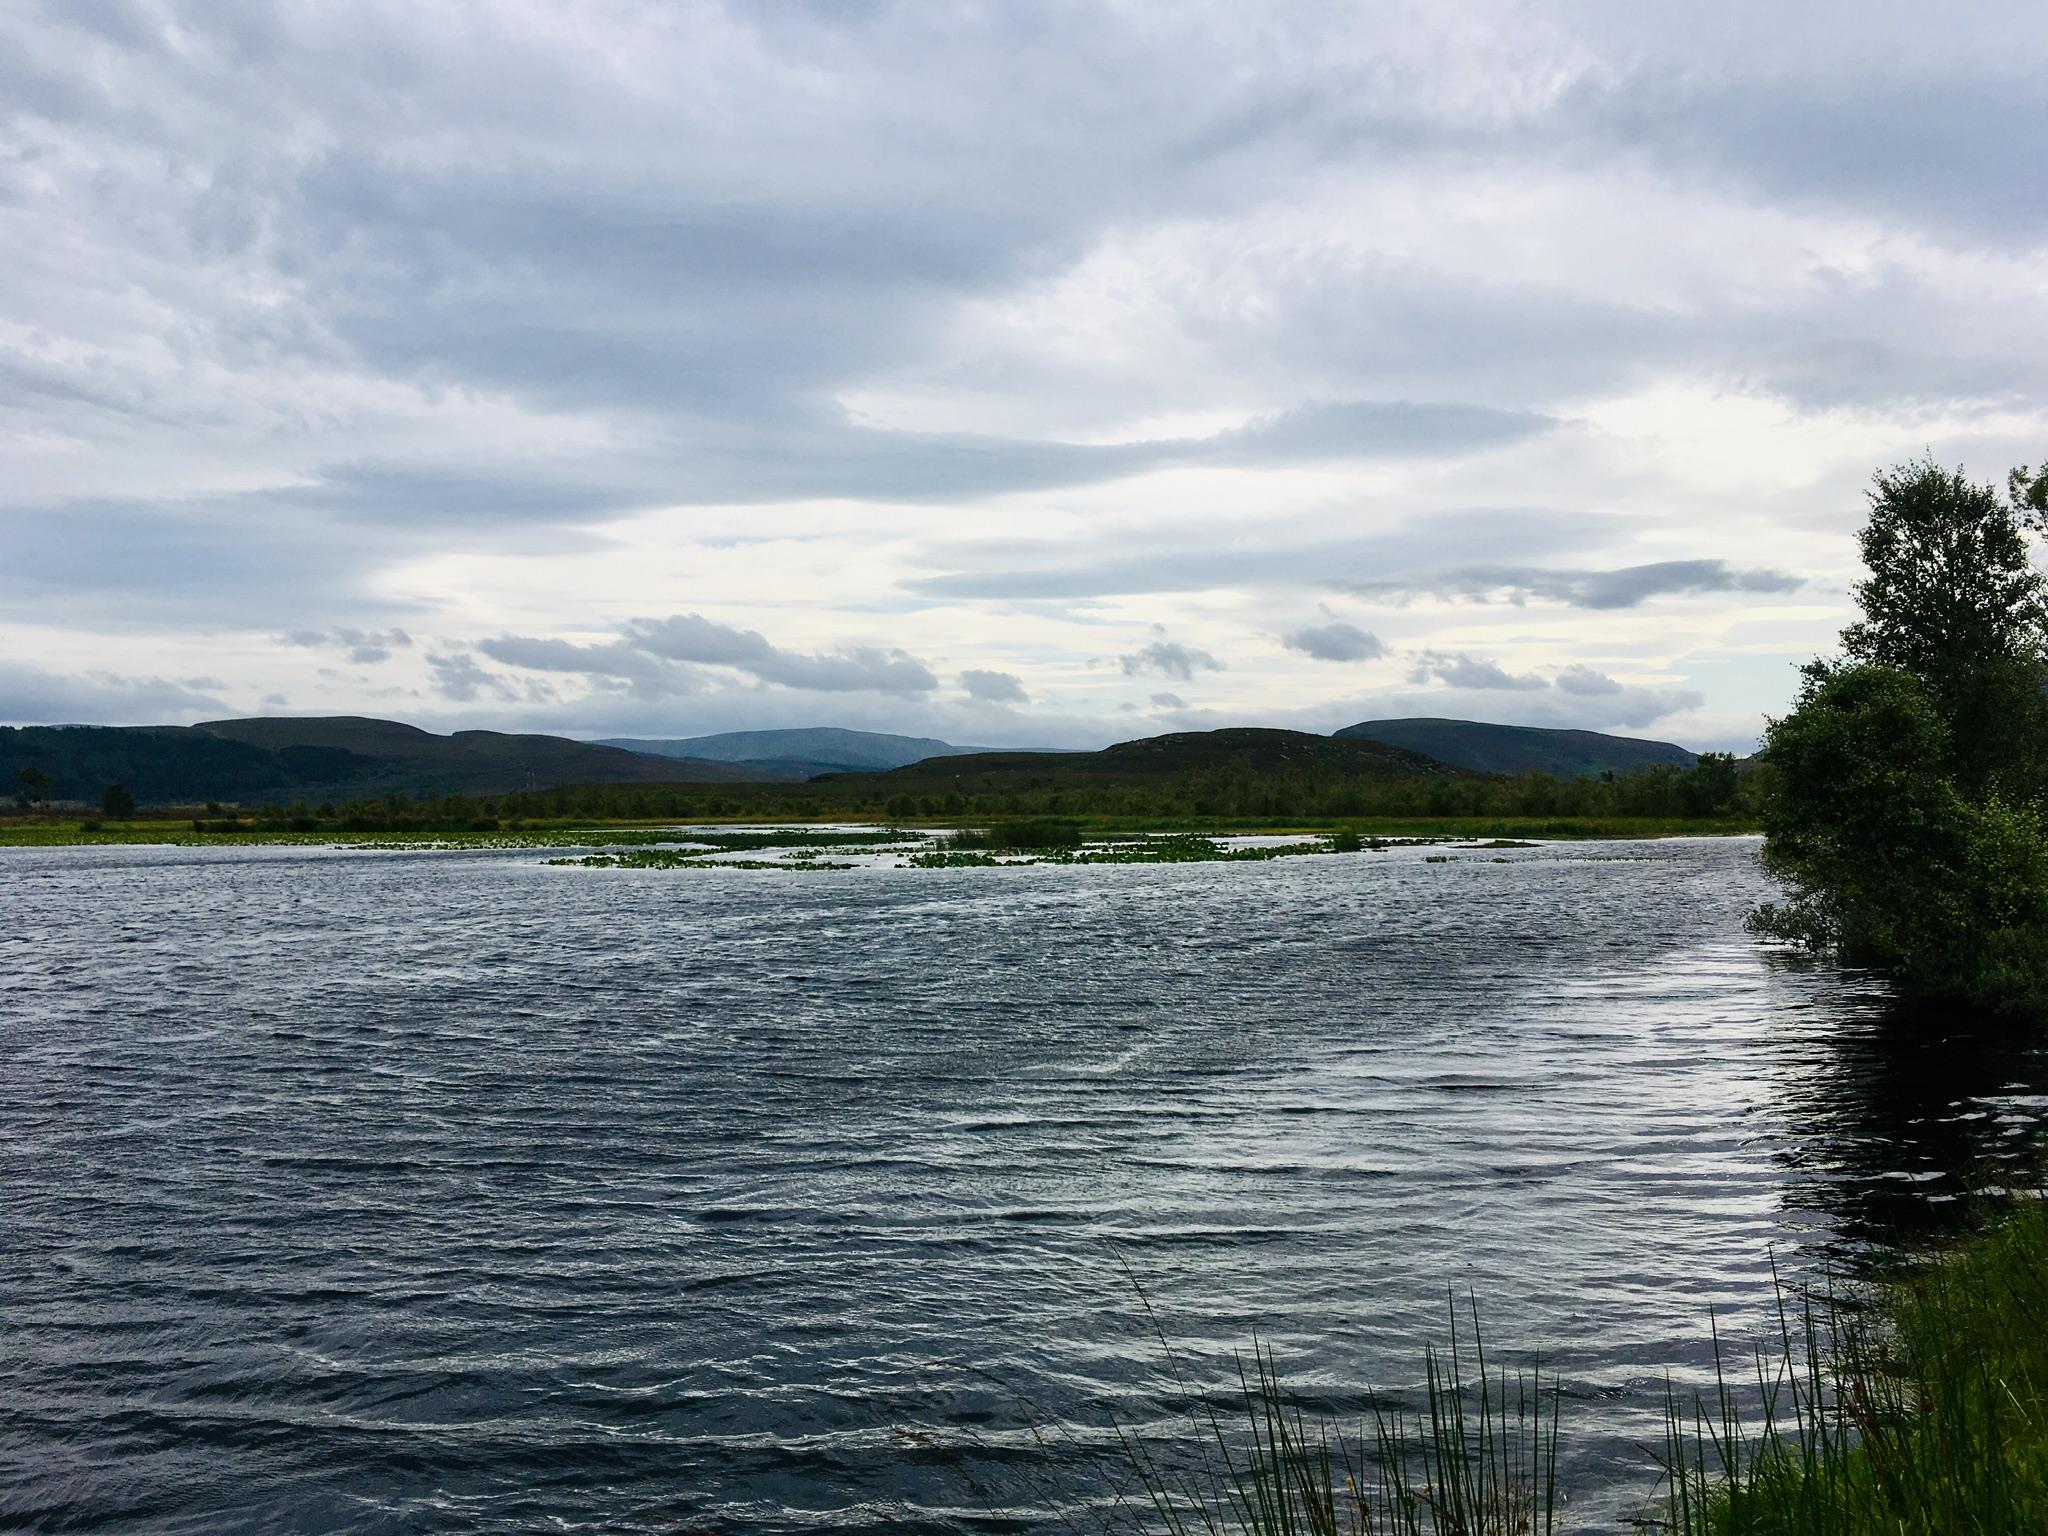 Loch an Eòin Ruadh - bha iad a-measg an luachair is a' snàmh mu cheann an loch - cha robh an camera làidir gu leòr!